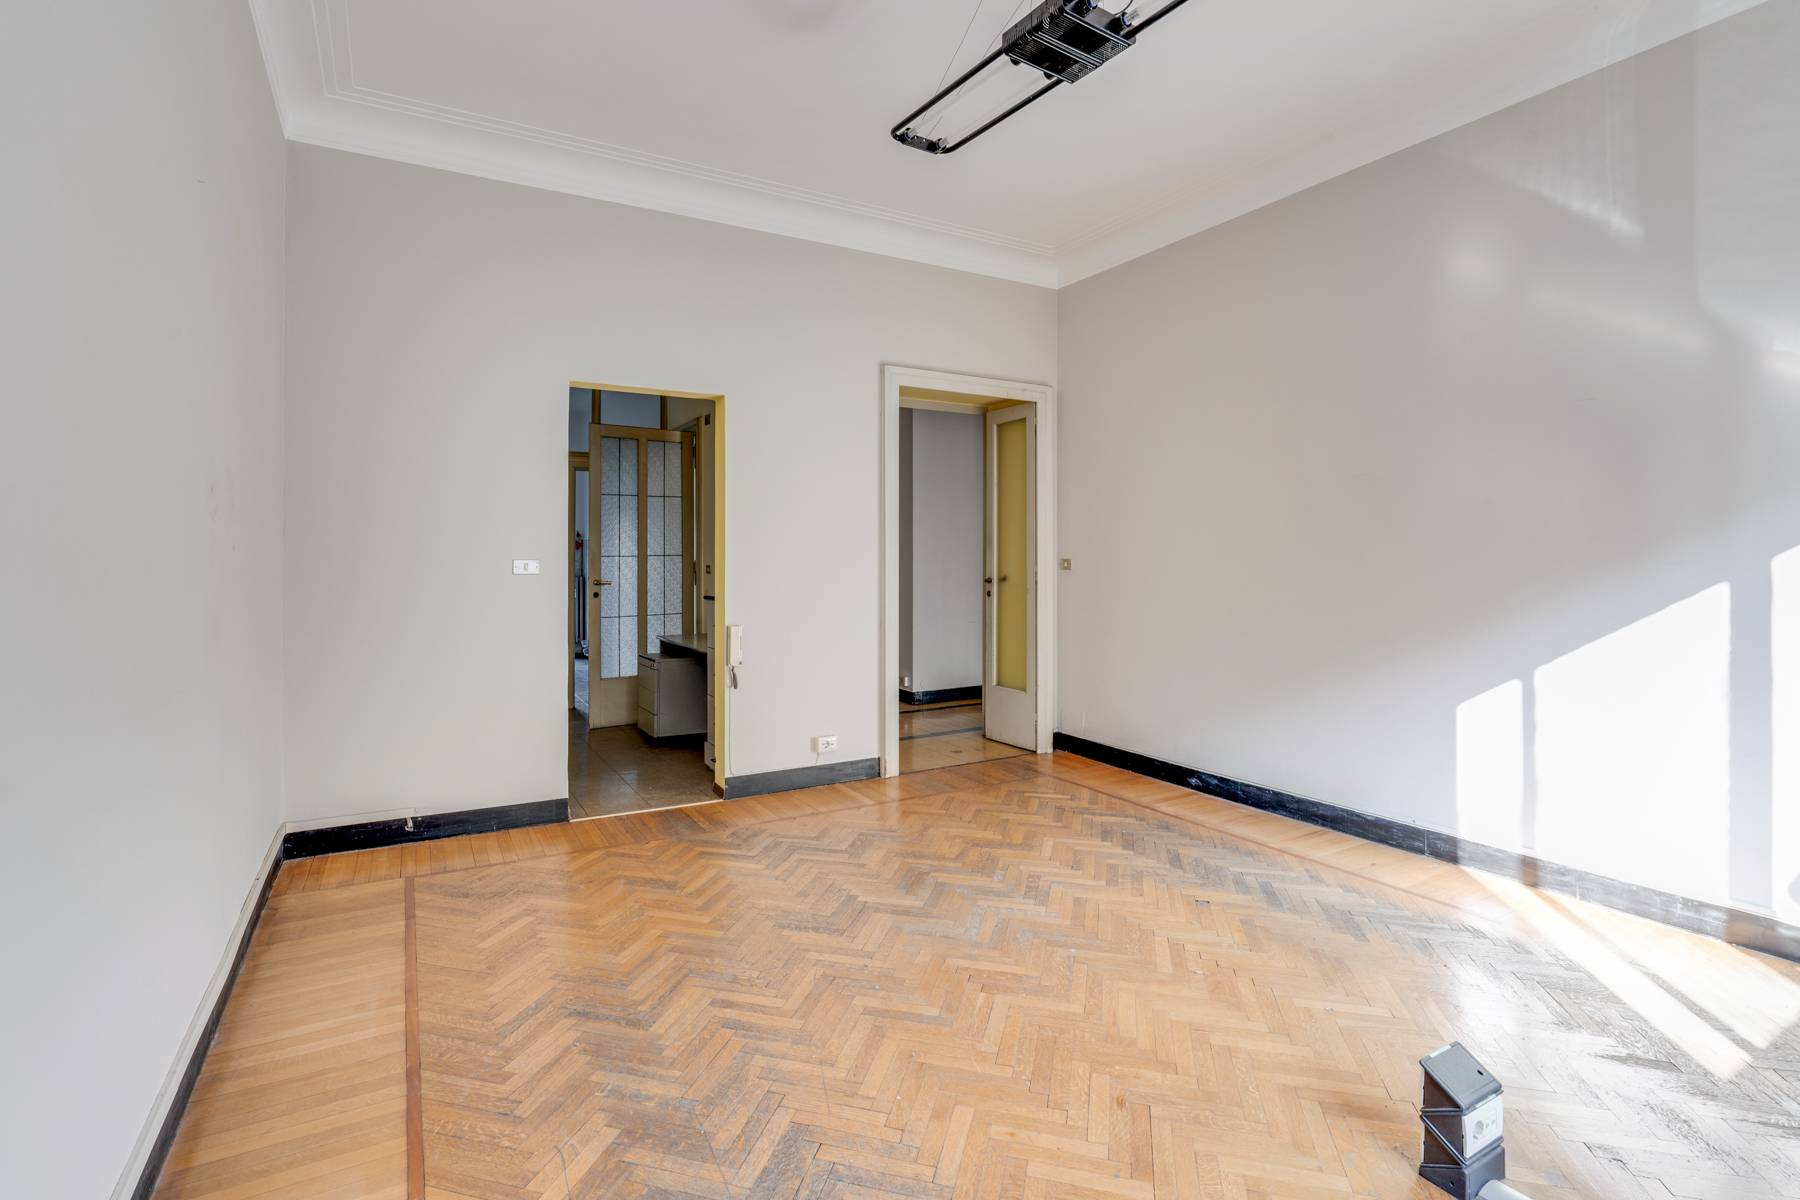 Ufficio-studio in Vendita a Torino: 3 locali, 140 mq - Foto 12